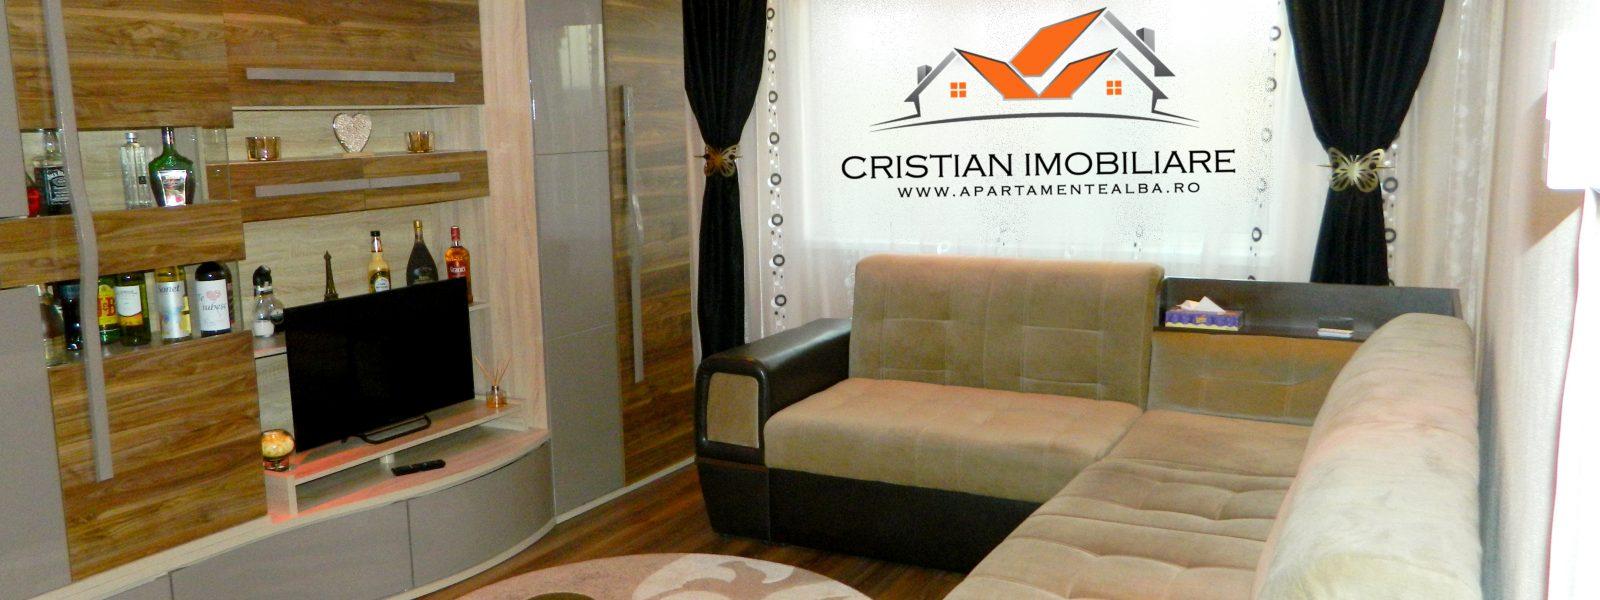 Apartament 2 camere, Cetate – Tolstoi, etaj intermediar